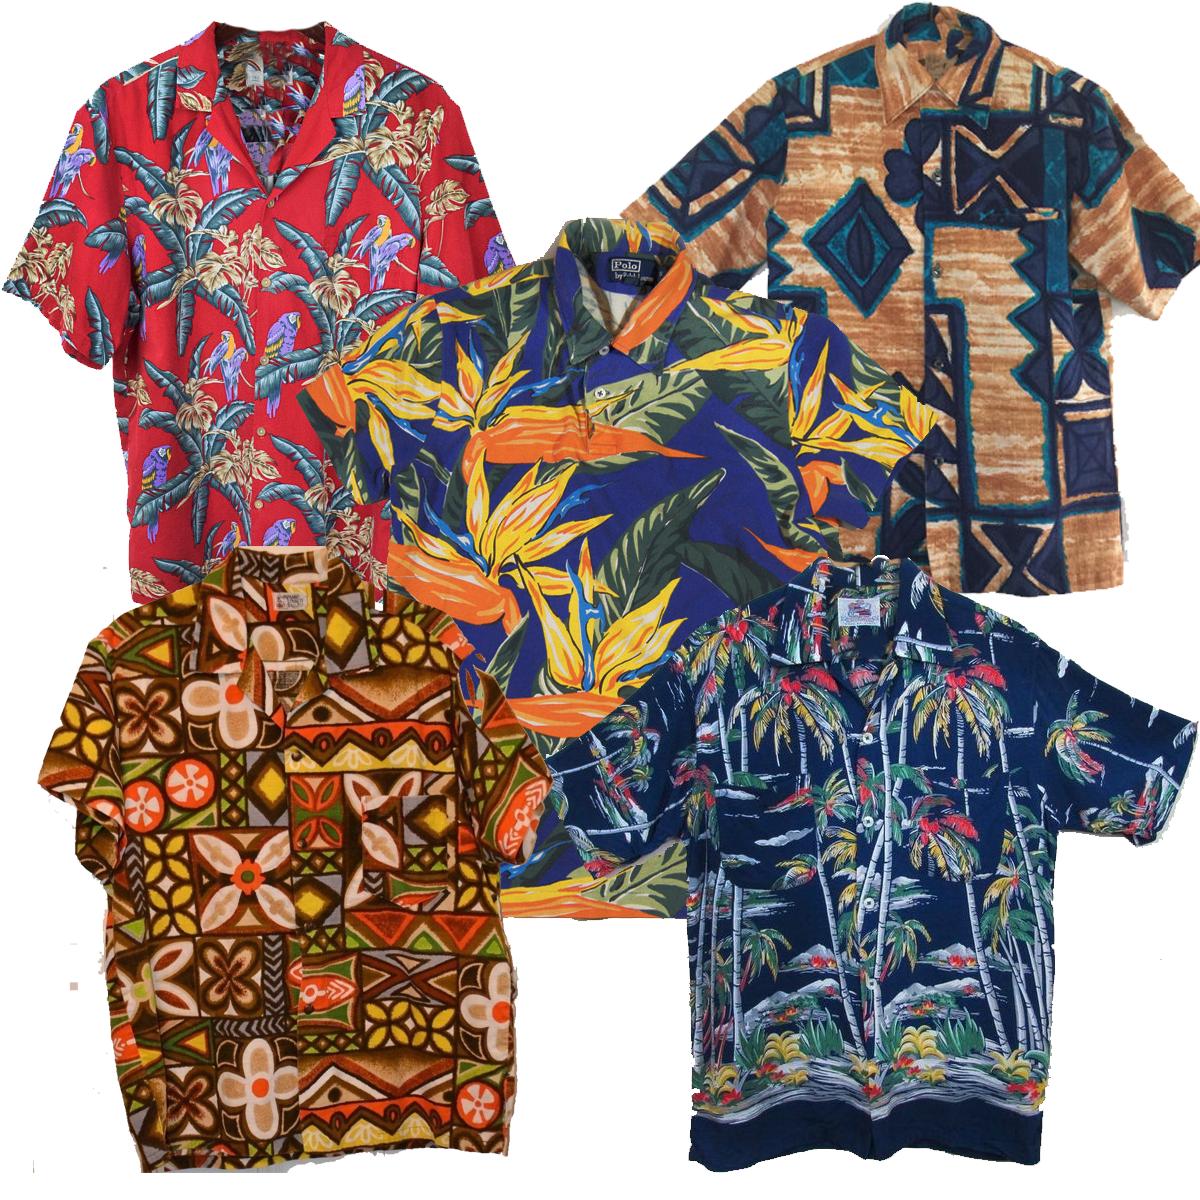 Dust Factory Vintage Wholesale Catalog Clothing Denim